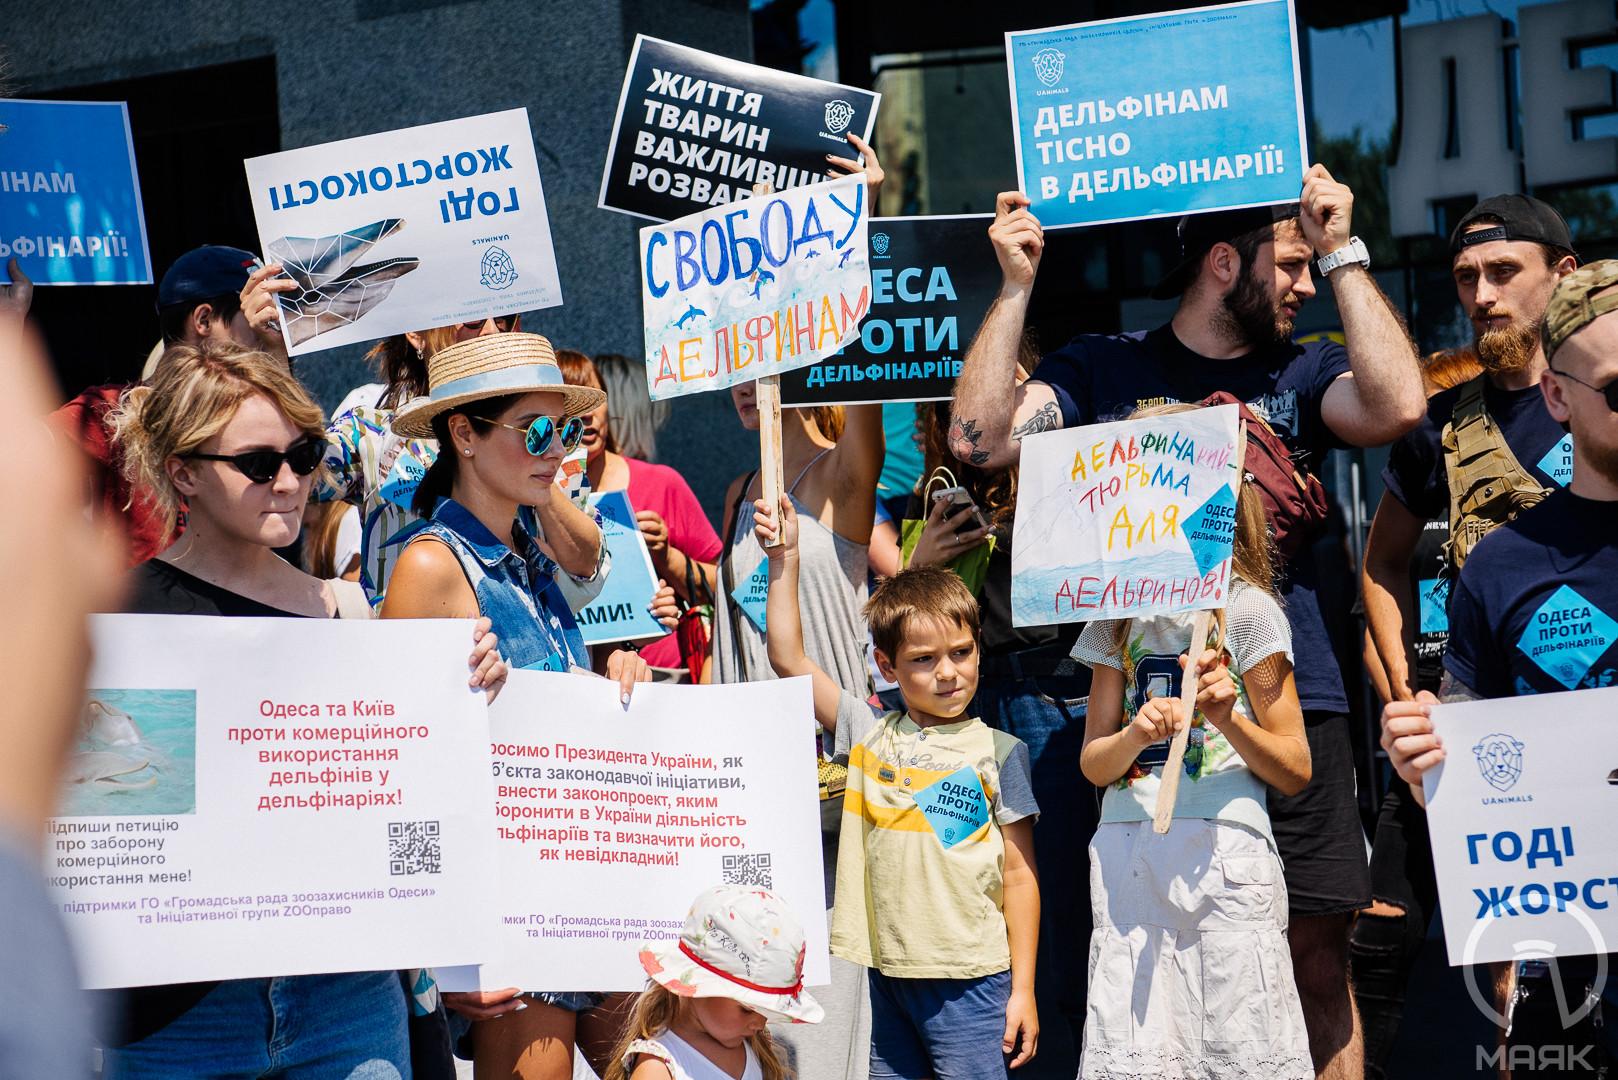 В Одессе пикетировали дельфинарий, требуя запрета использования дельфинов в шоу